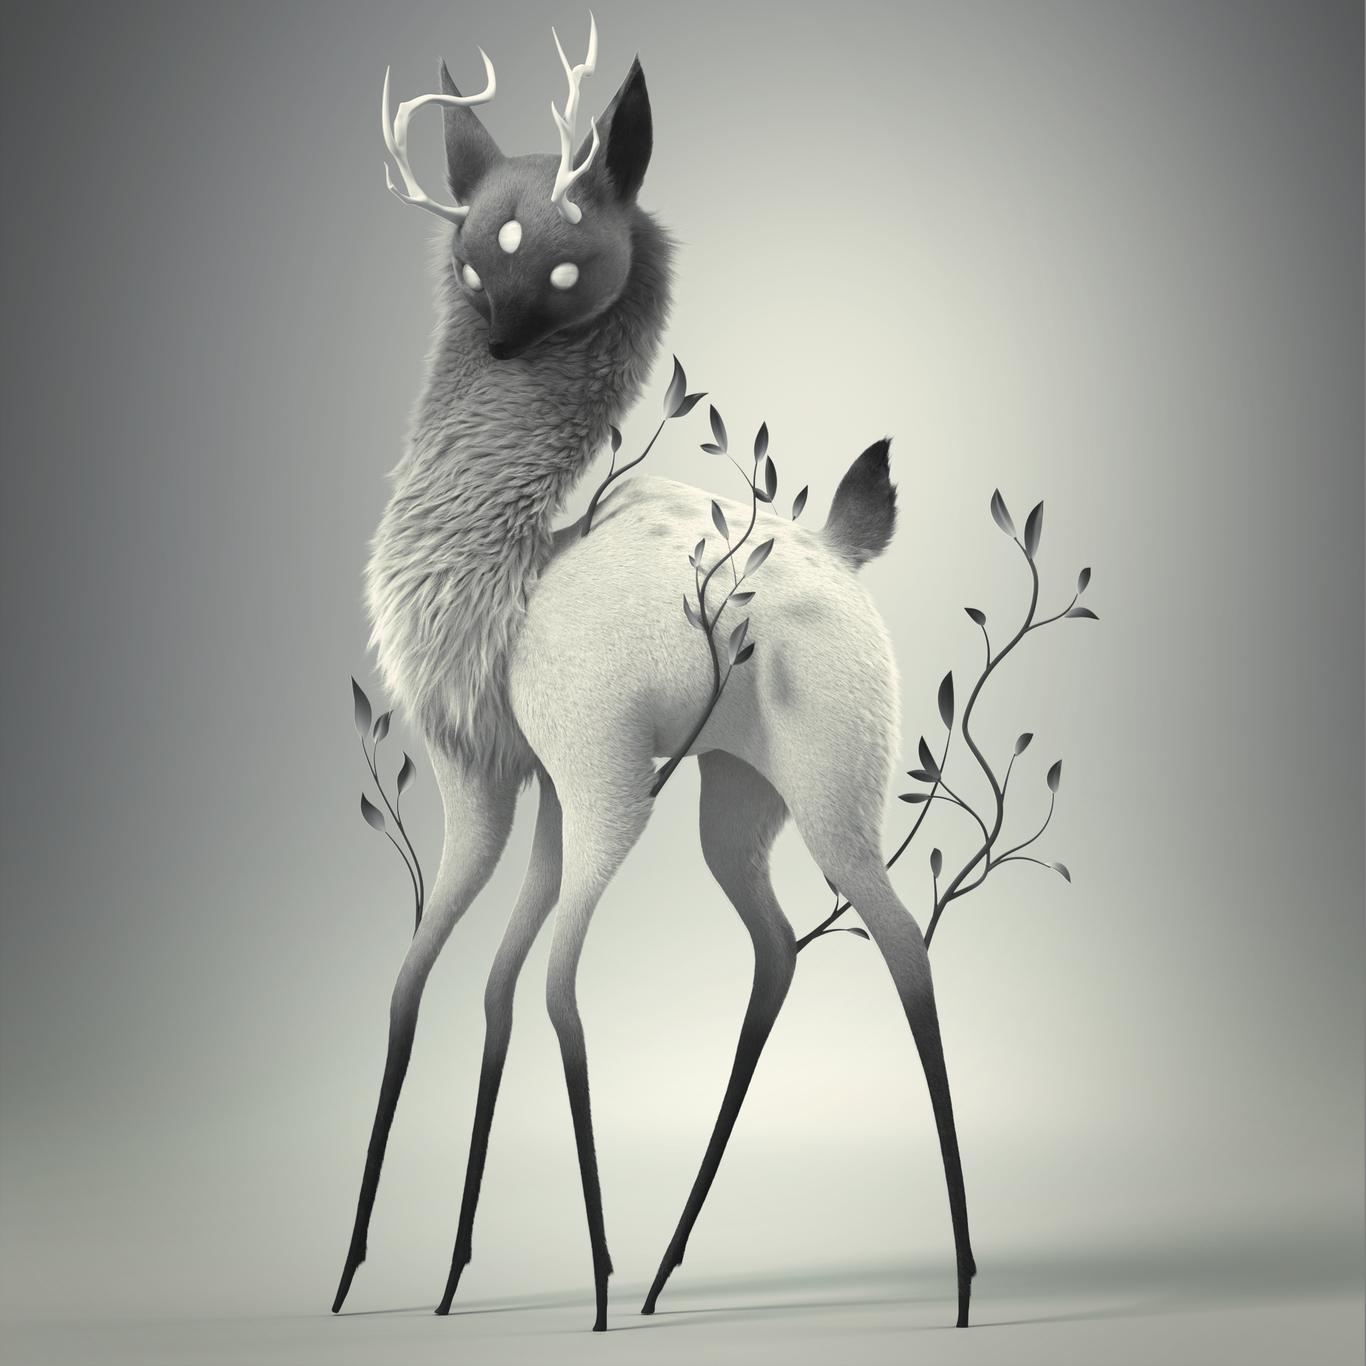 Xavierz deer 1 013f7f65 h998